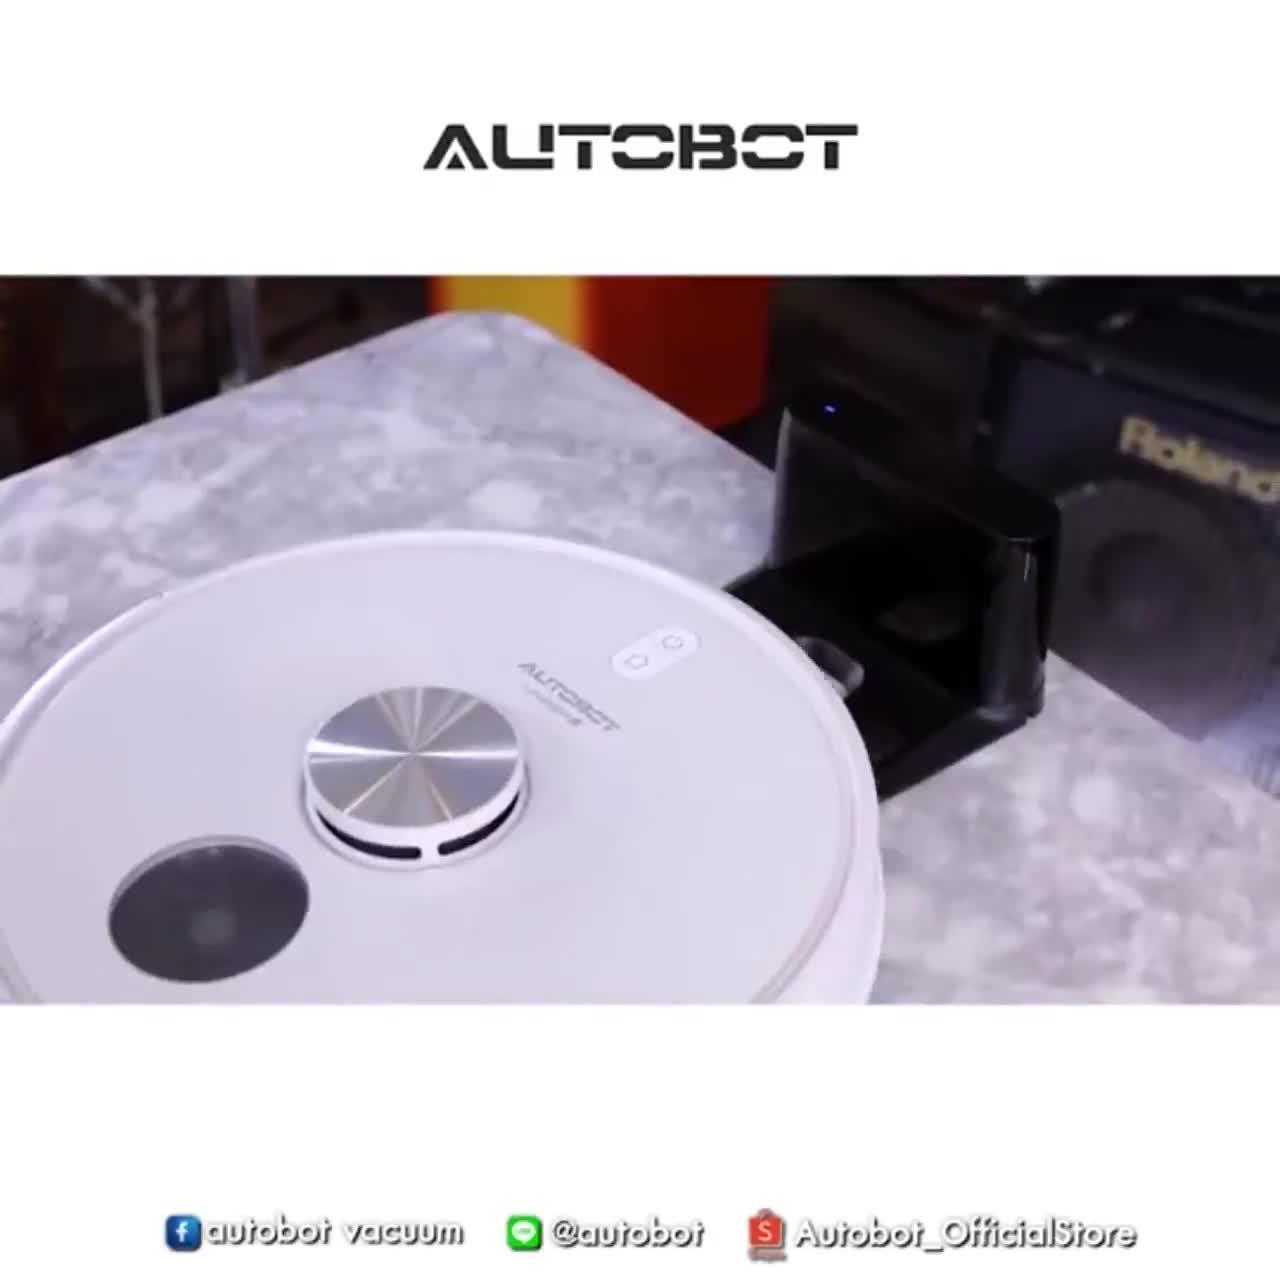 AUTOBOT robot vacuum หุ่นยนต์ดูดฝุ่น ถูพื้นแบบ Y รุ่น Lazer mark 4 แถมฟรี เครื่อง U